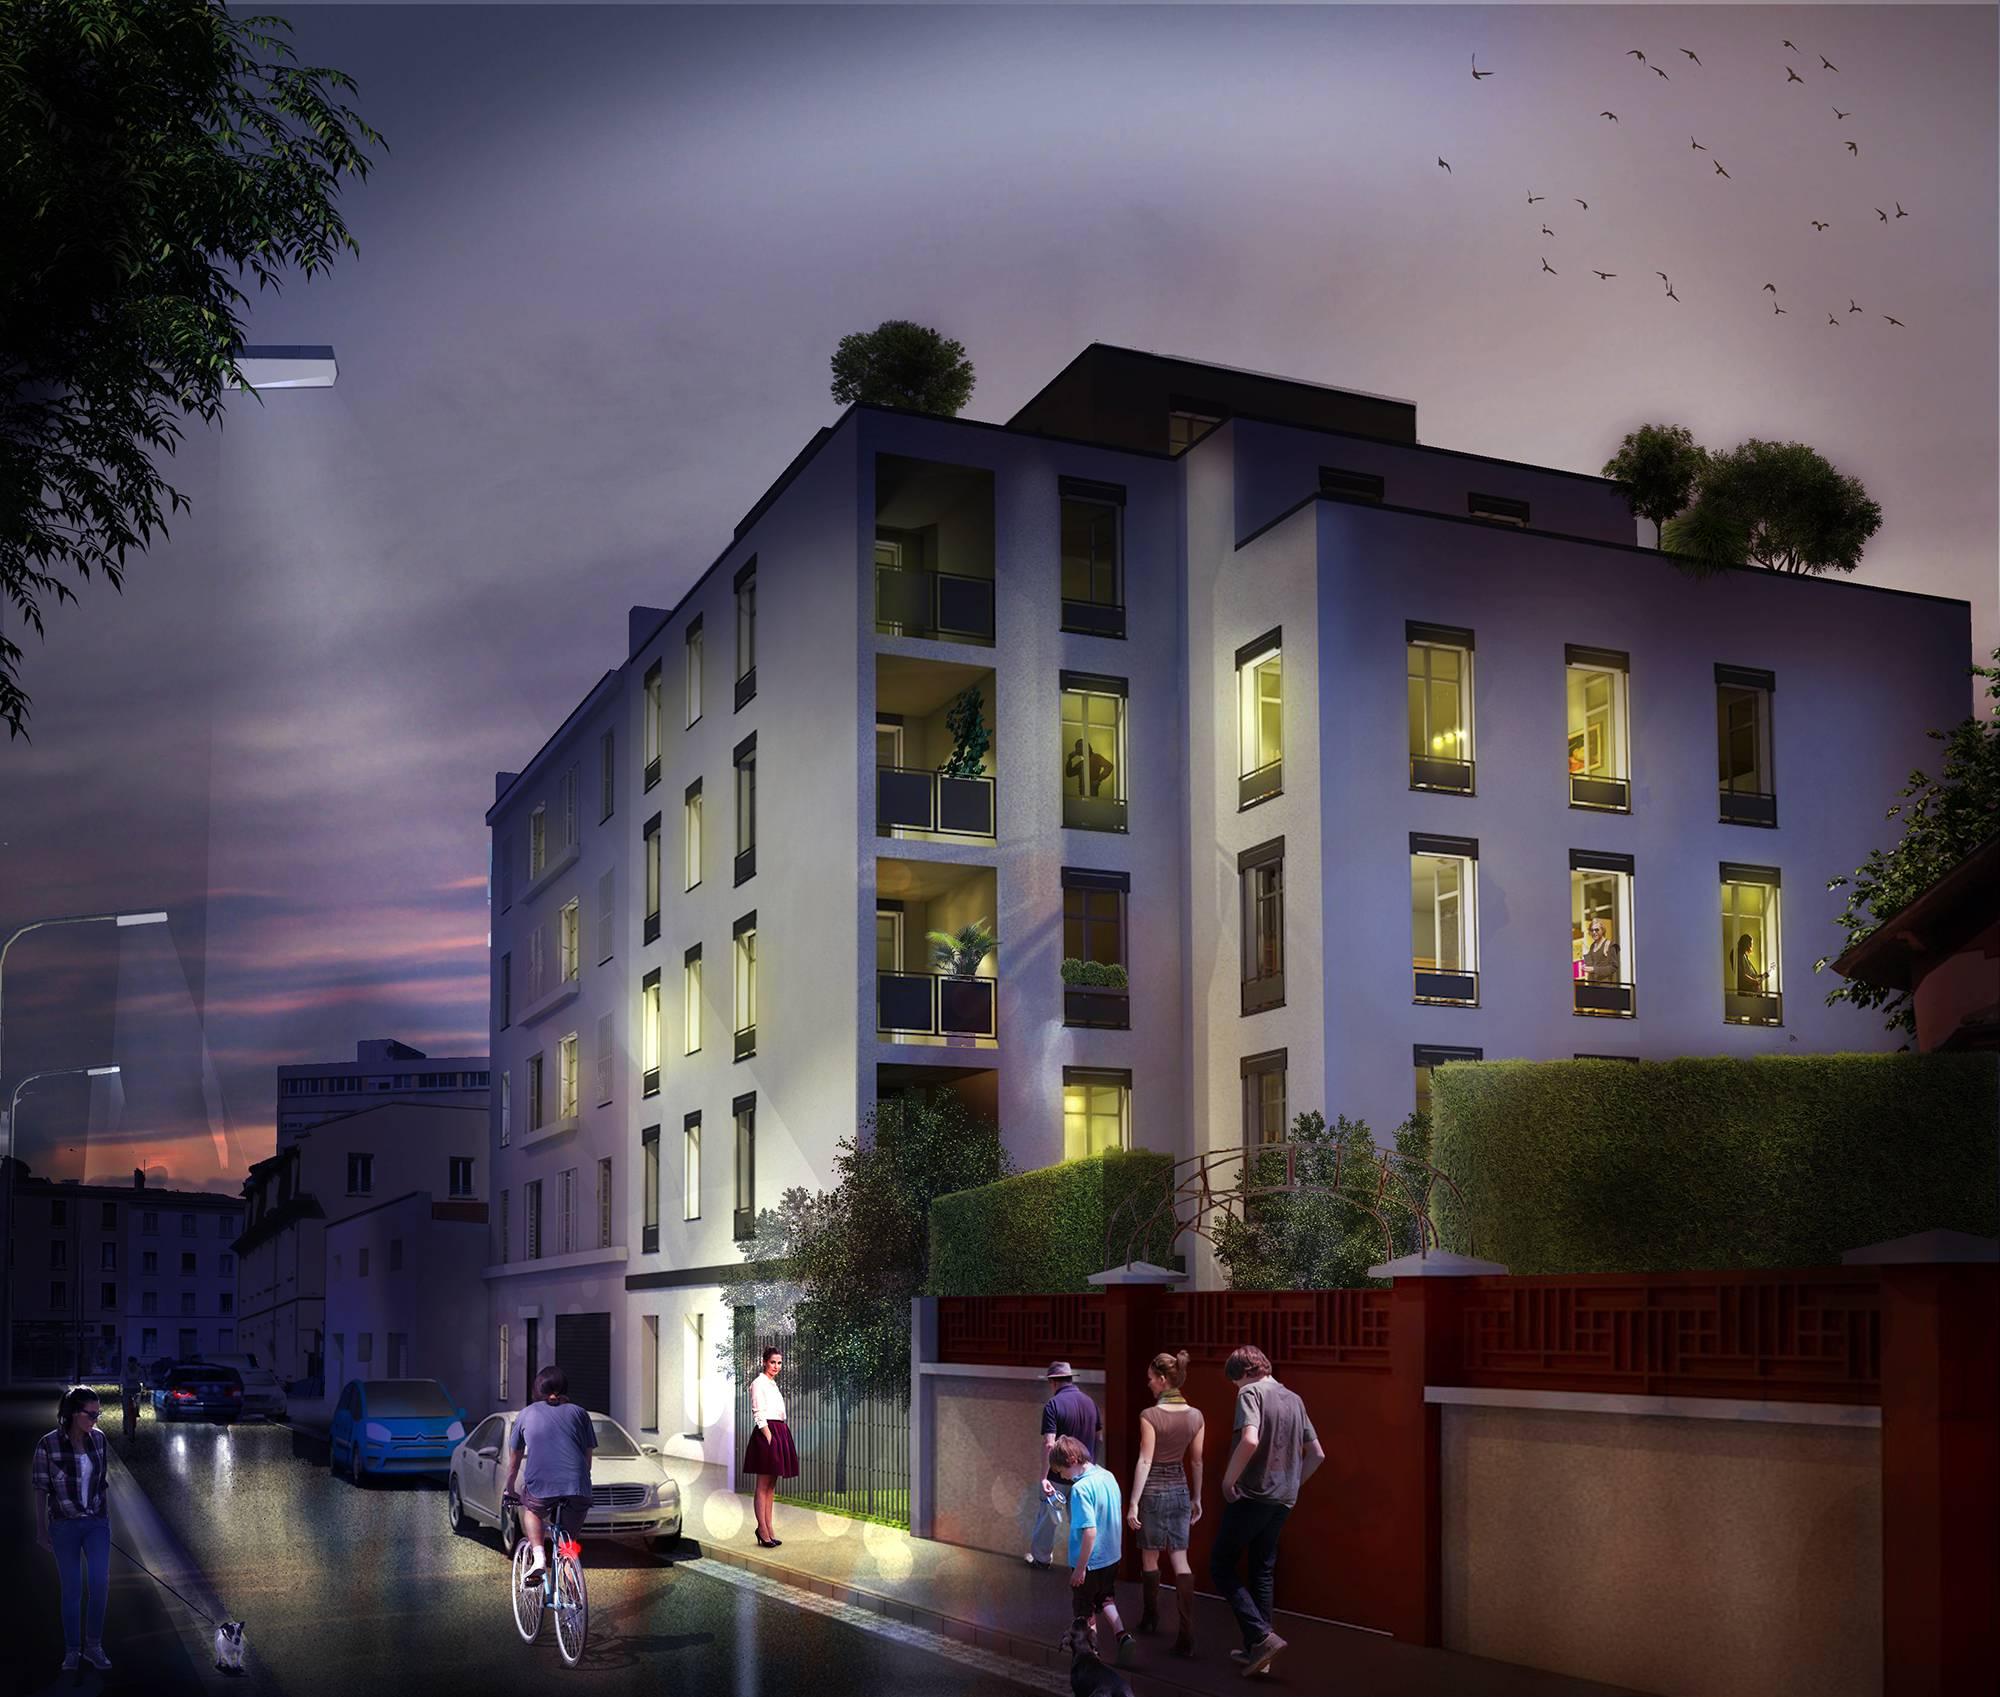 Programme immobilier Lyon 7ème (69007) COEUR 7èmé Investissez en loueur meublé avec Answer Immobilier